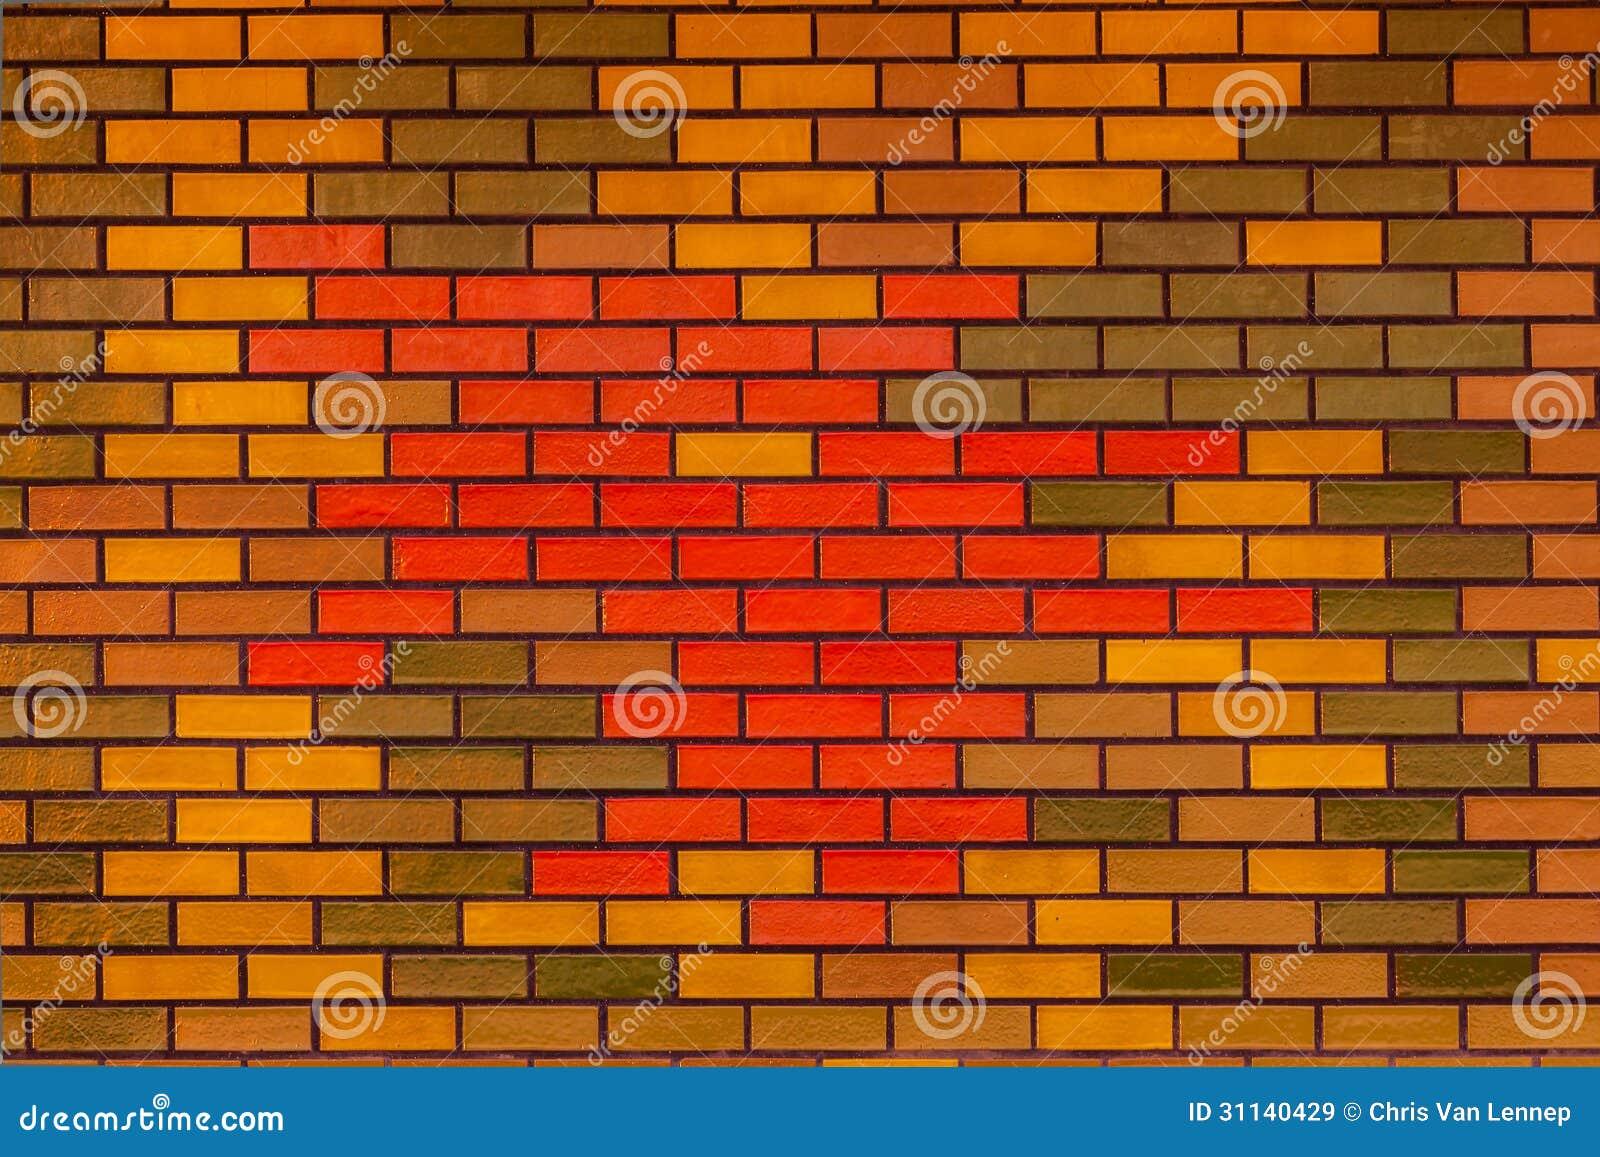 Detalle de la pared de ladrillo de los colores im genes de - Ladrillos de colores ...